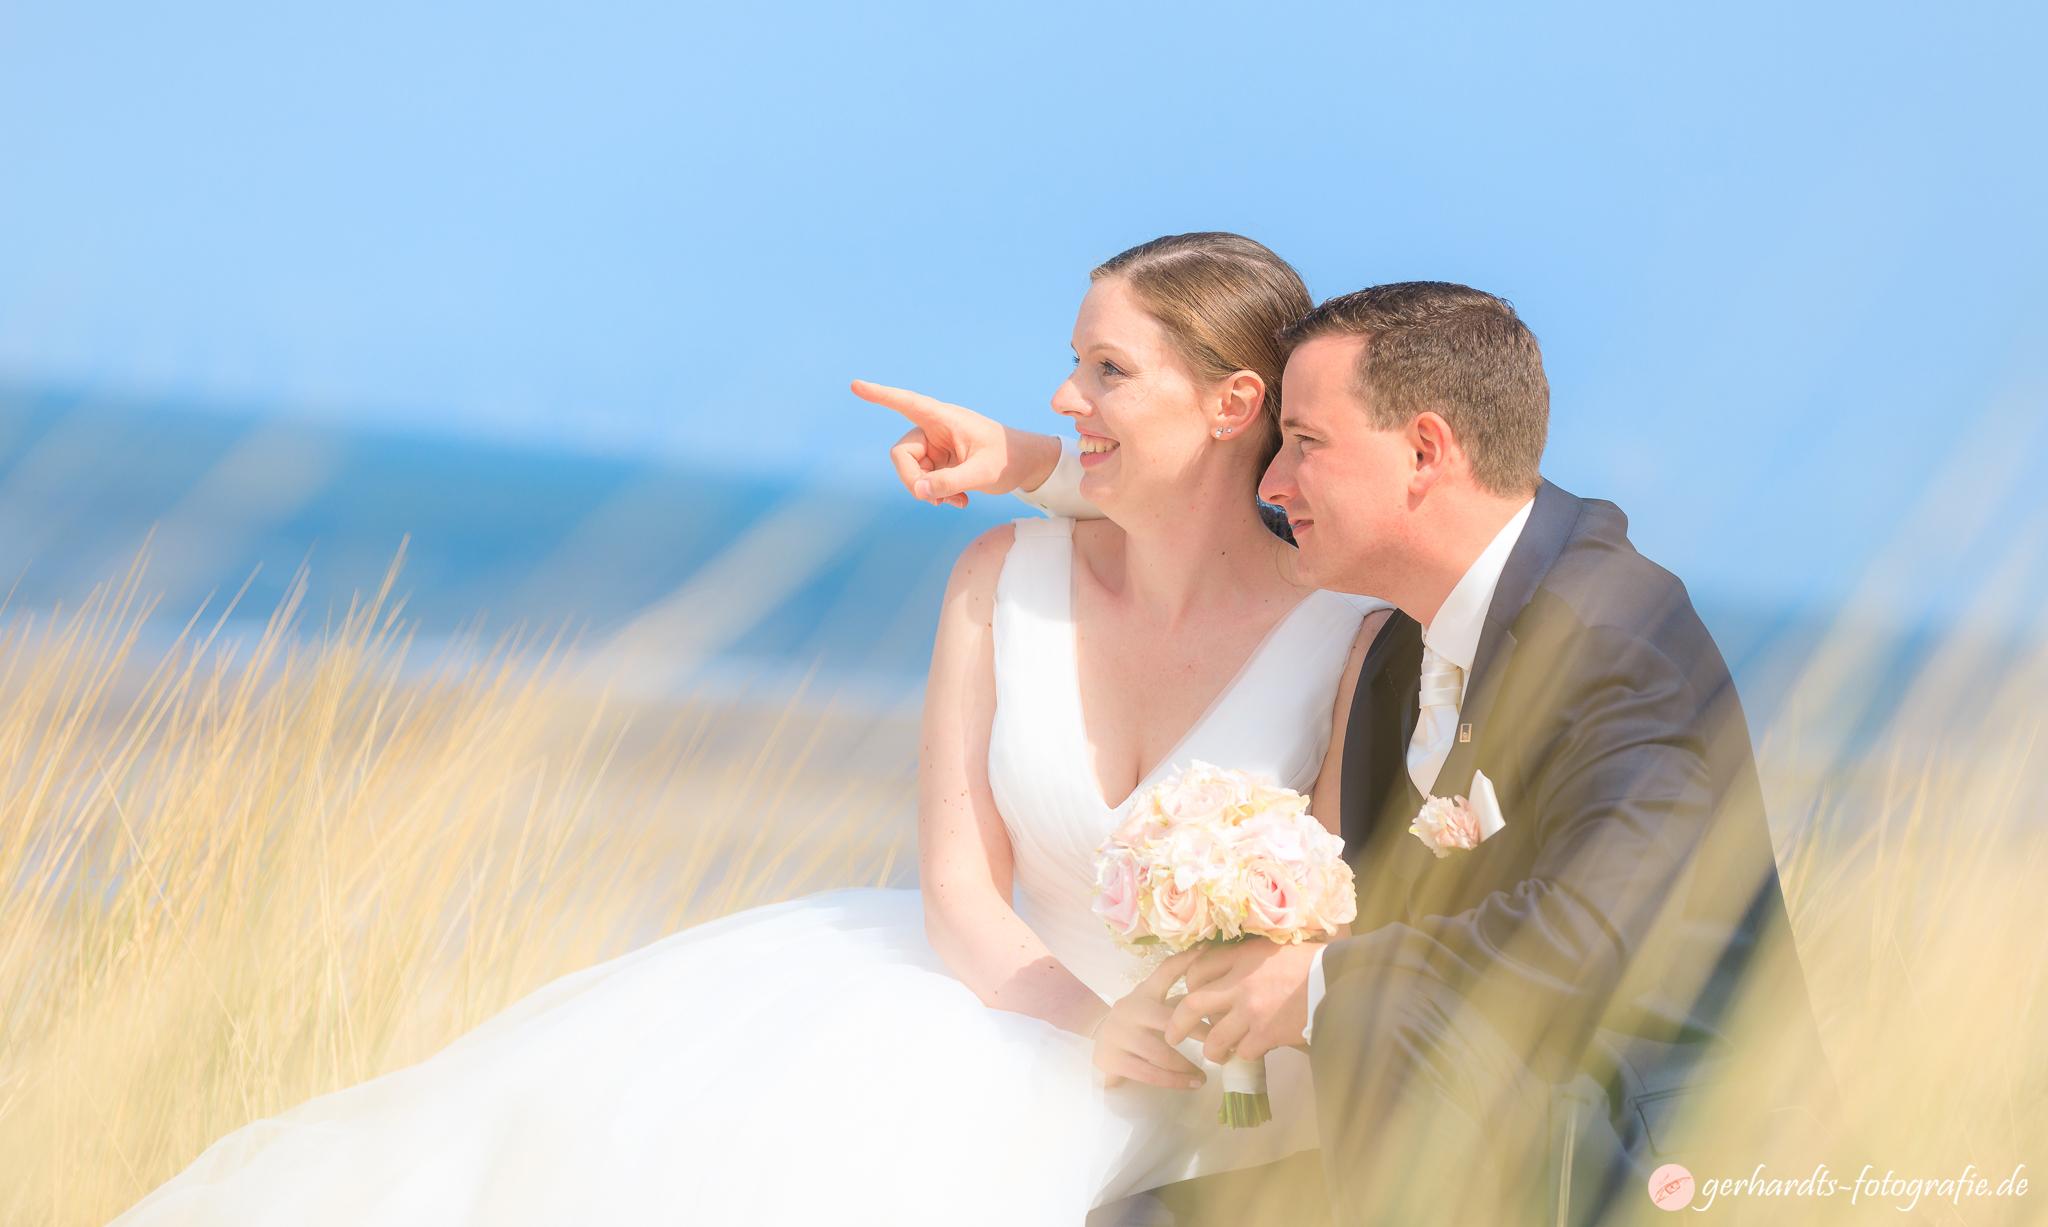 Verliebte Augenblicke in den Dünen von Wangerooge - Hochzeitsfotograf Wangerooge